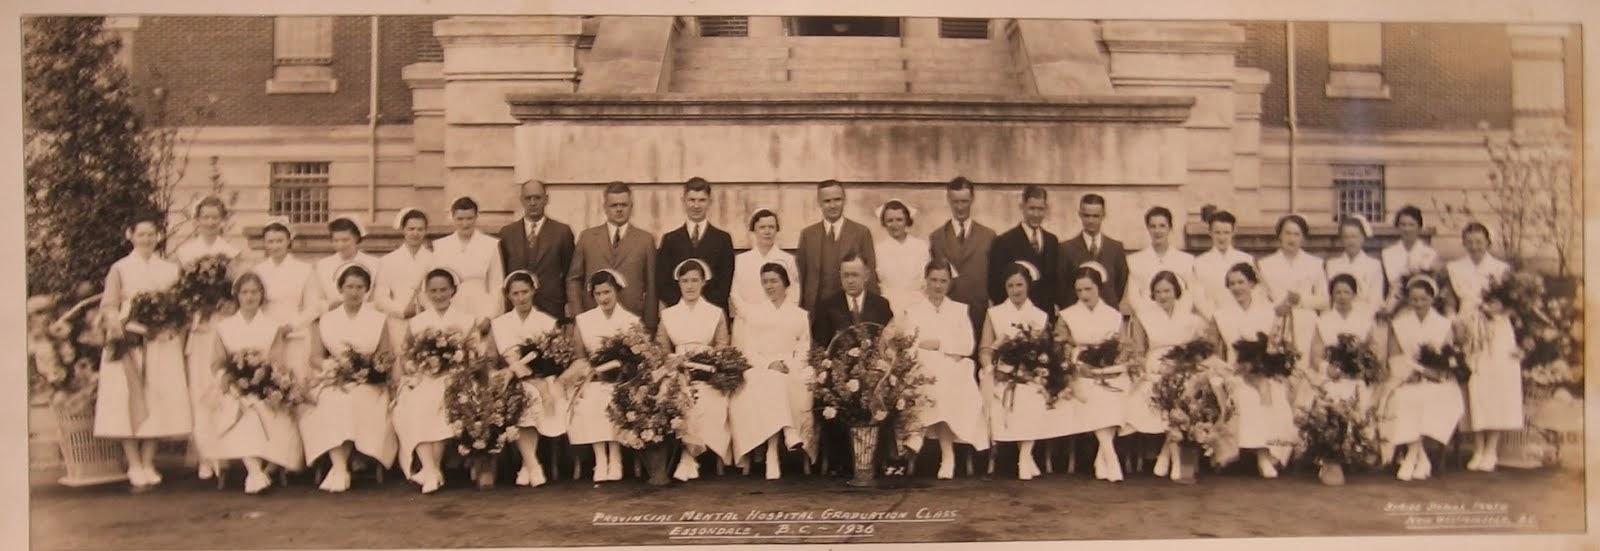 1936 graduates